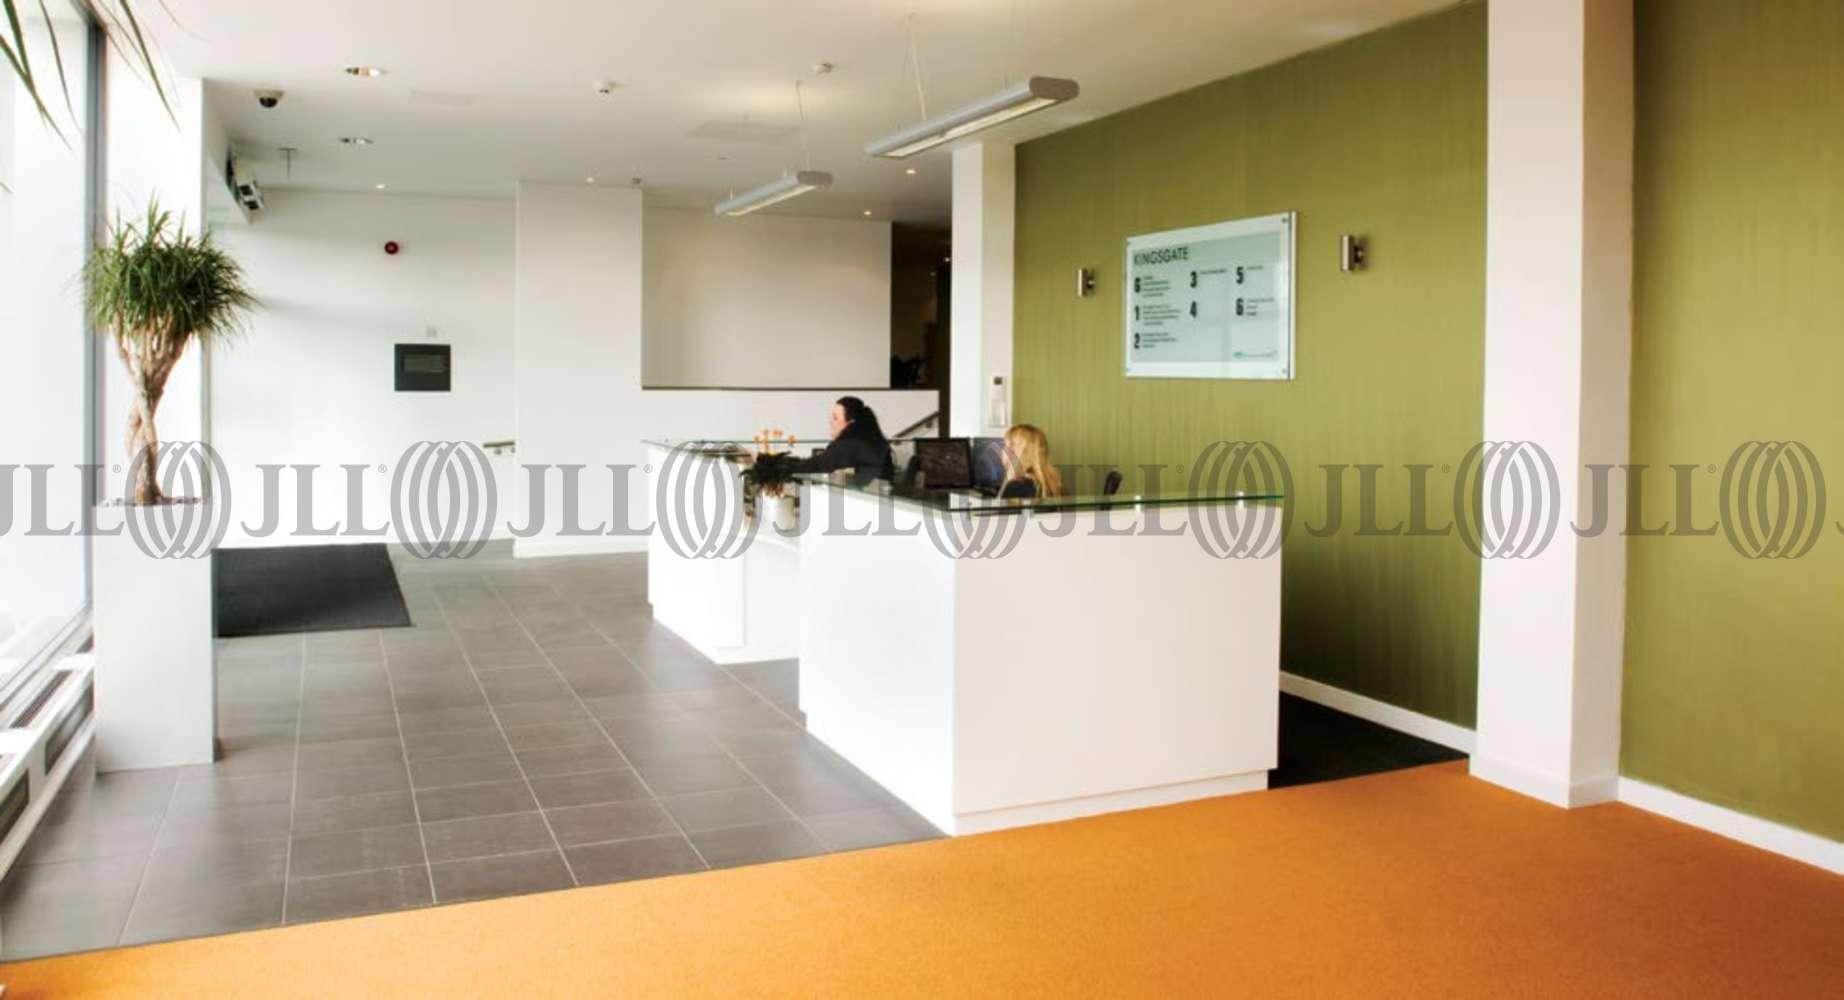 Office Stockport, SK4 1LW - Kingsgate